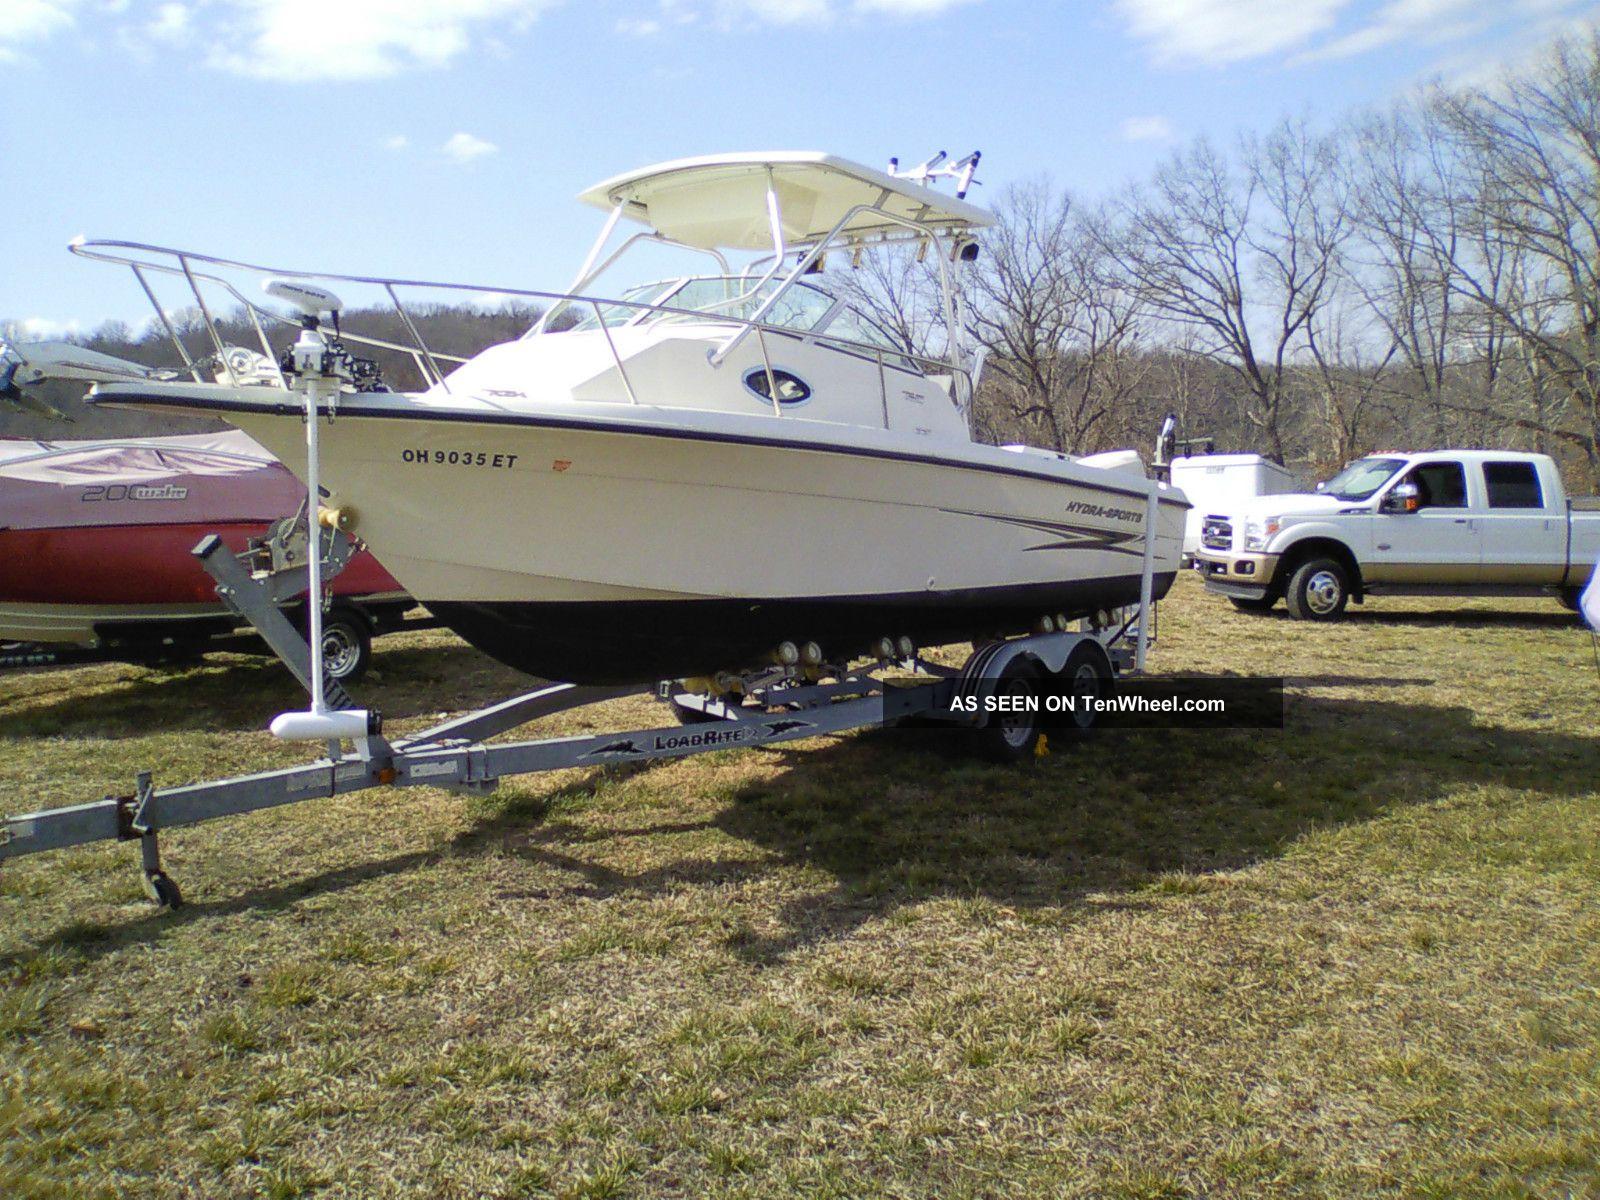 2004 Hydra Sports 230 Wa Hardtop Cuddy Cabin Fishing Boat